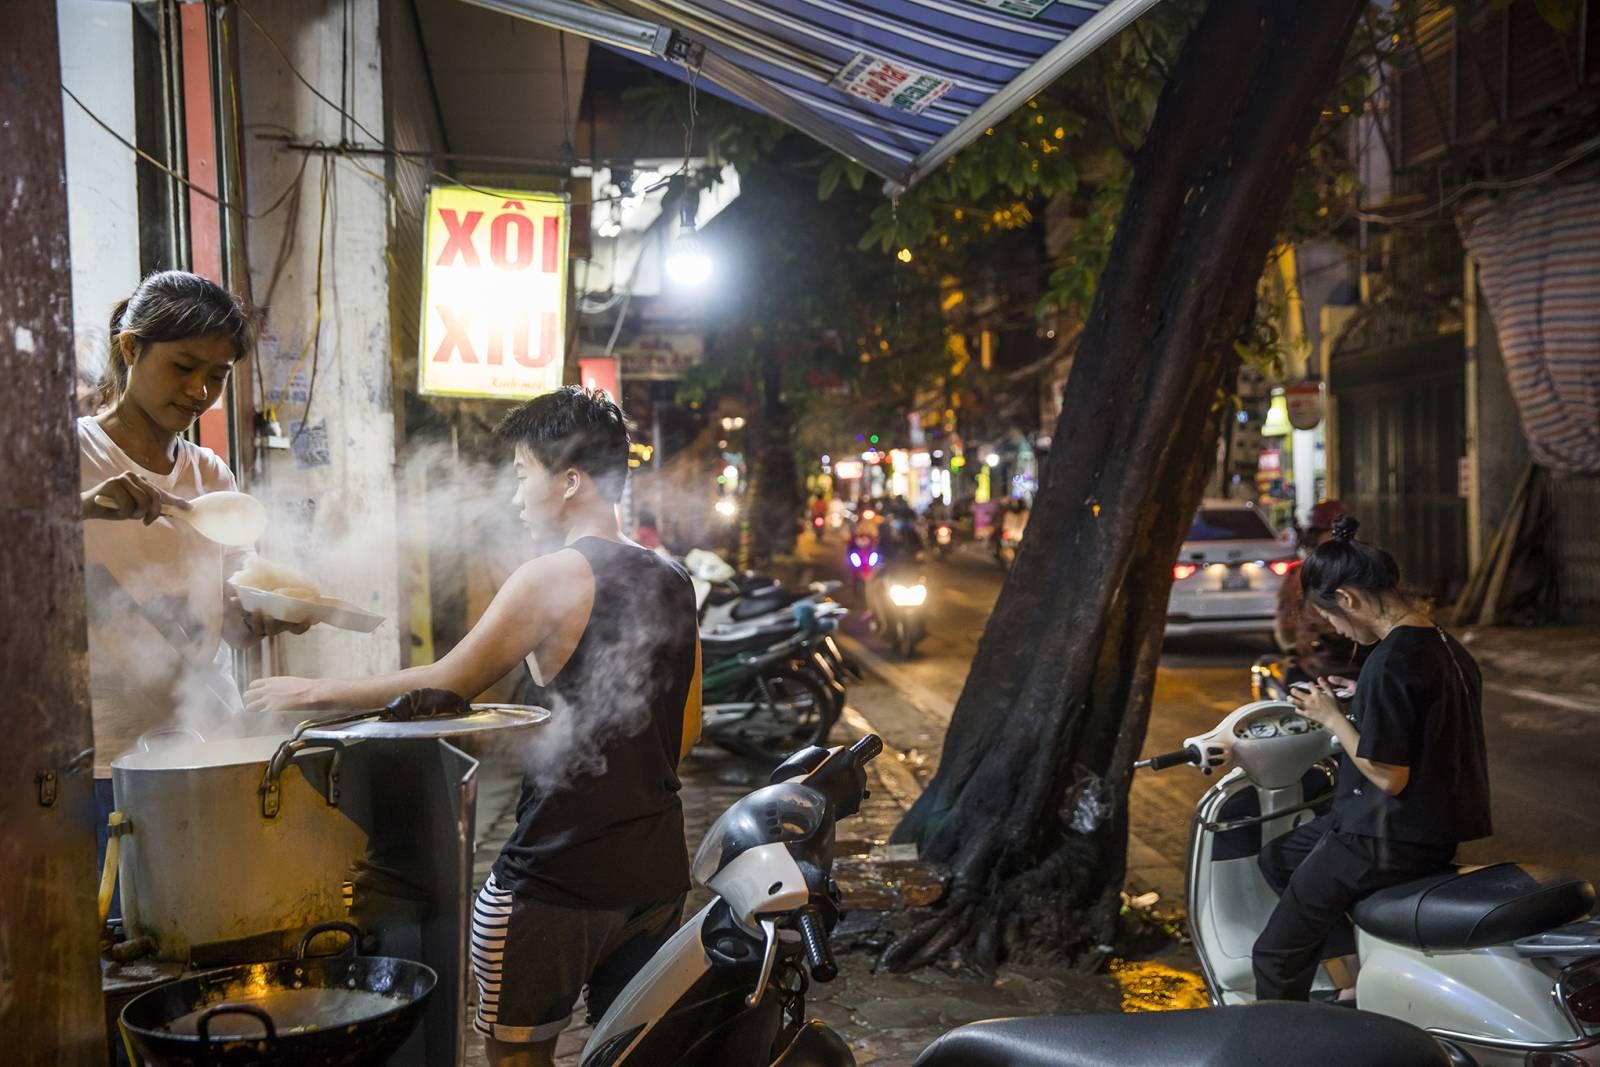 Quán ăn đường phố tại Hà Nội. Ảnh: Paul Hahn-laif/Redux